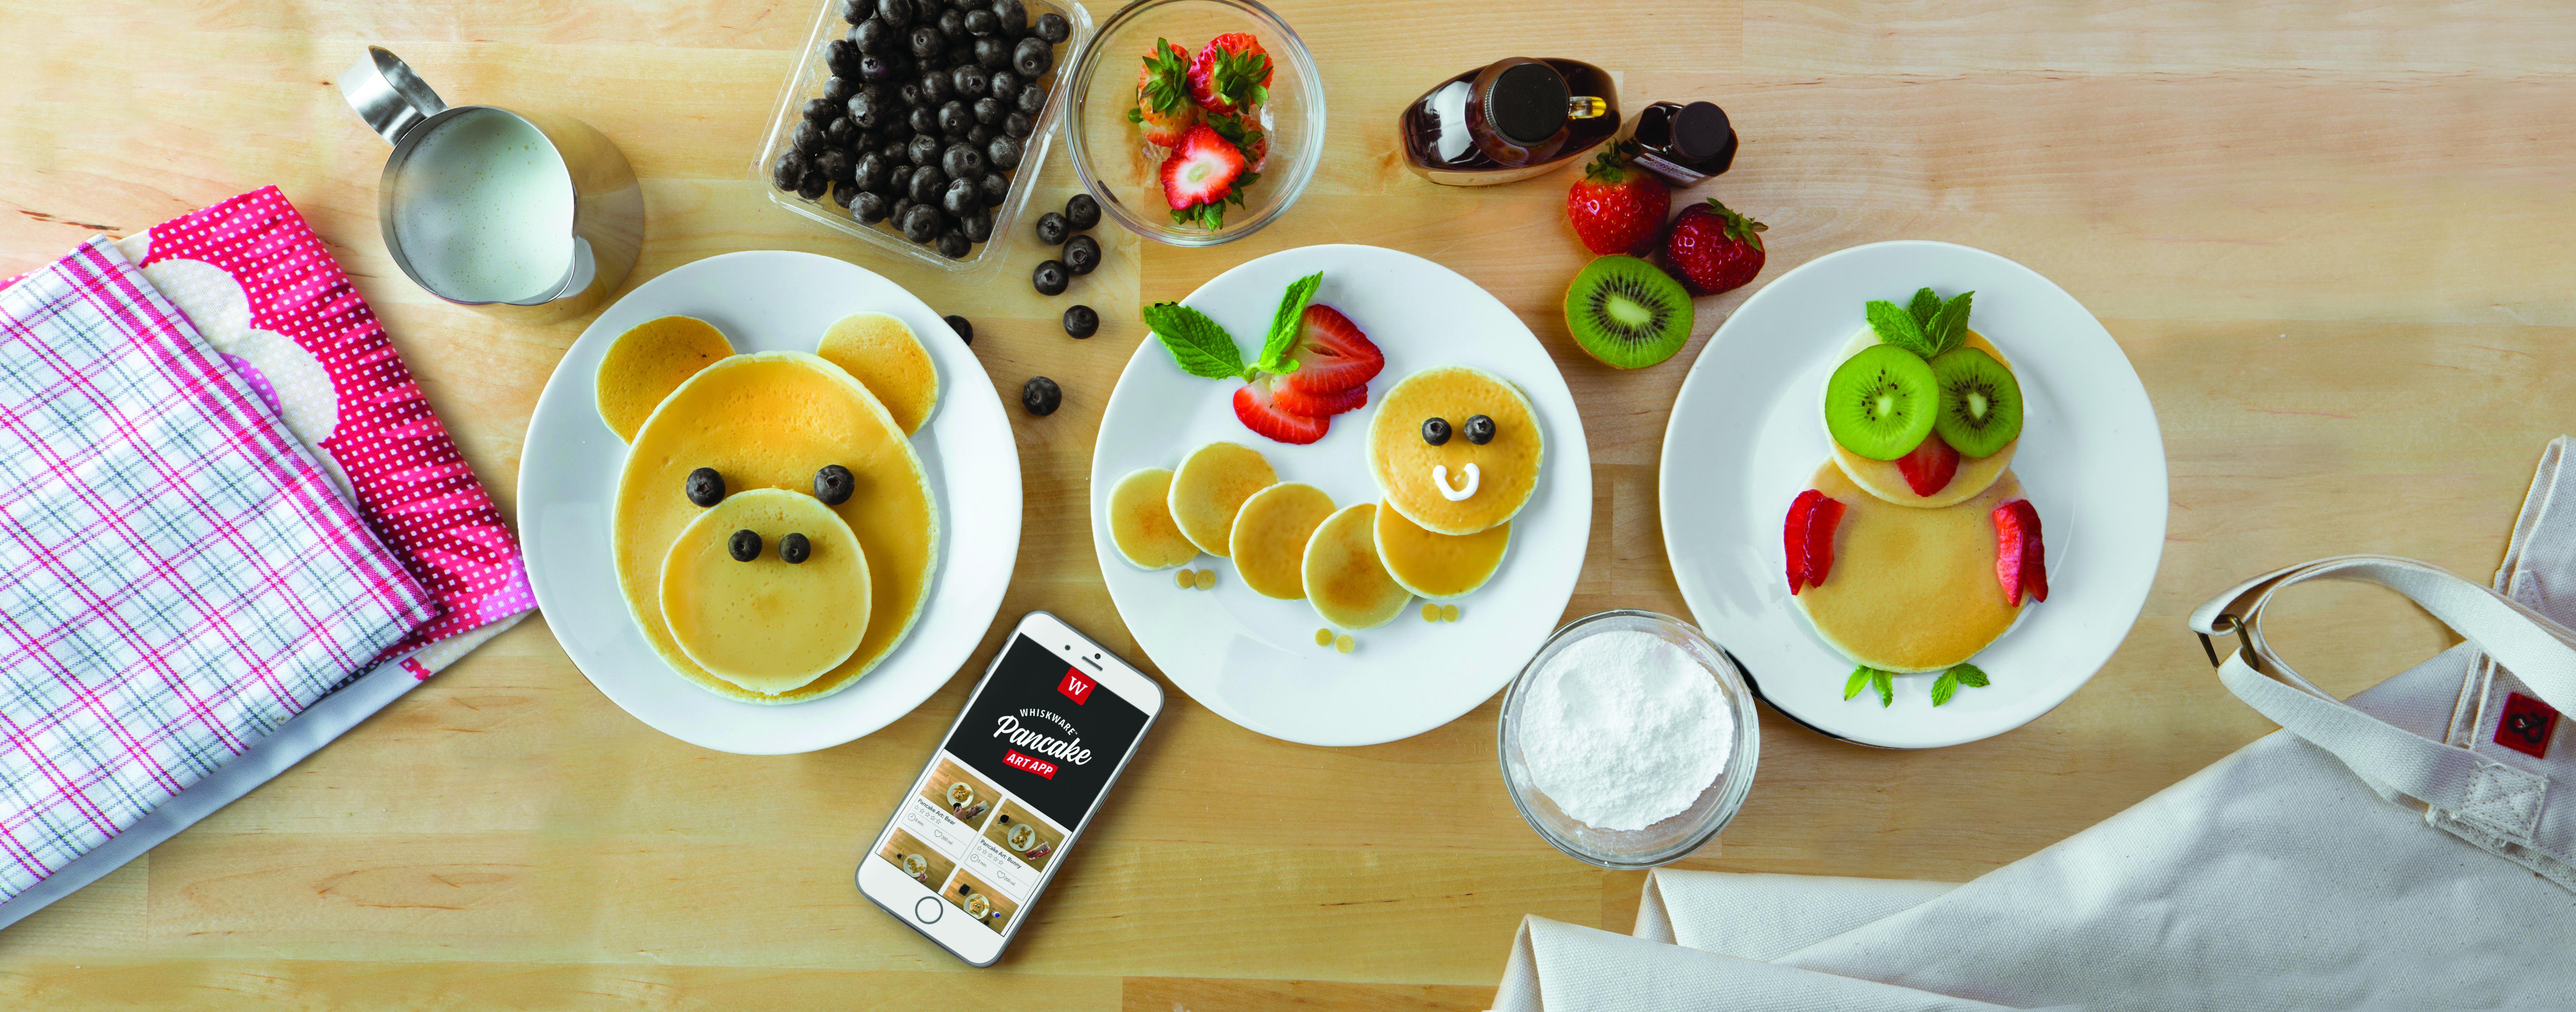 PancakeArt4sJkS2WUcM6Z2N